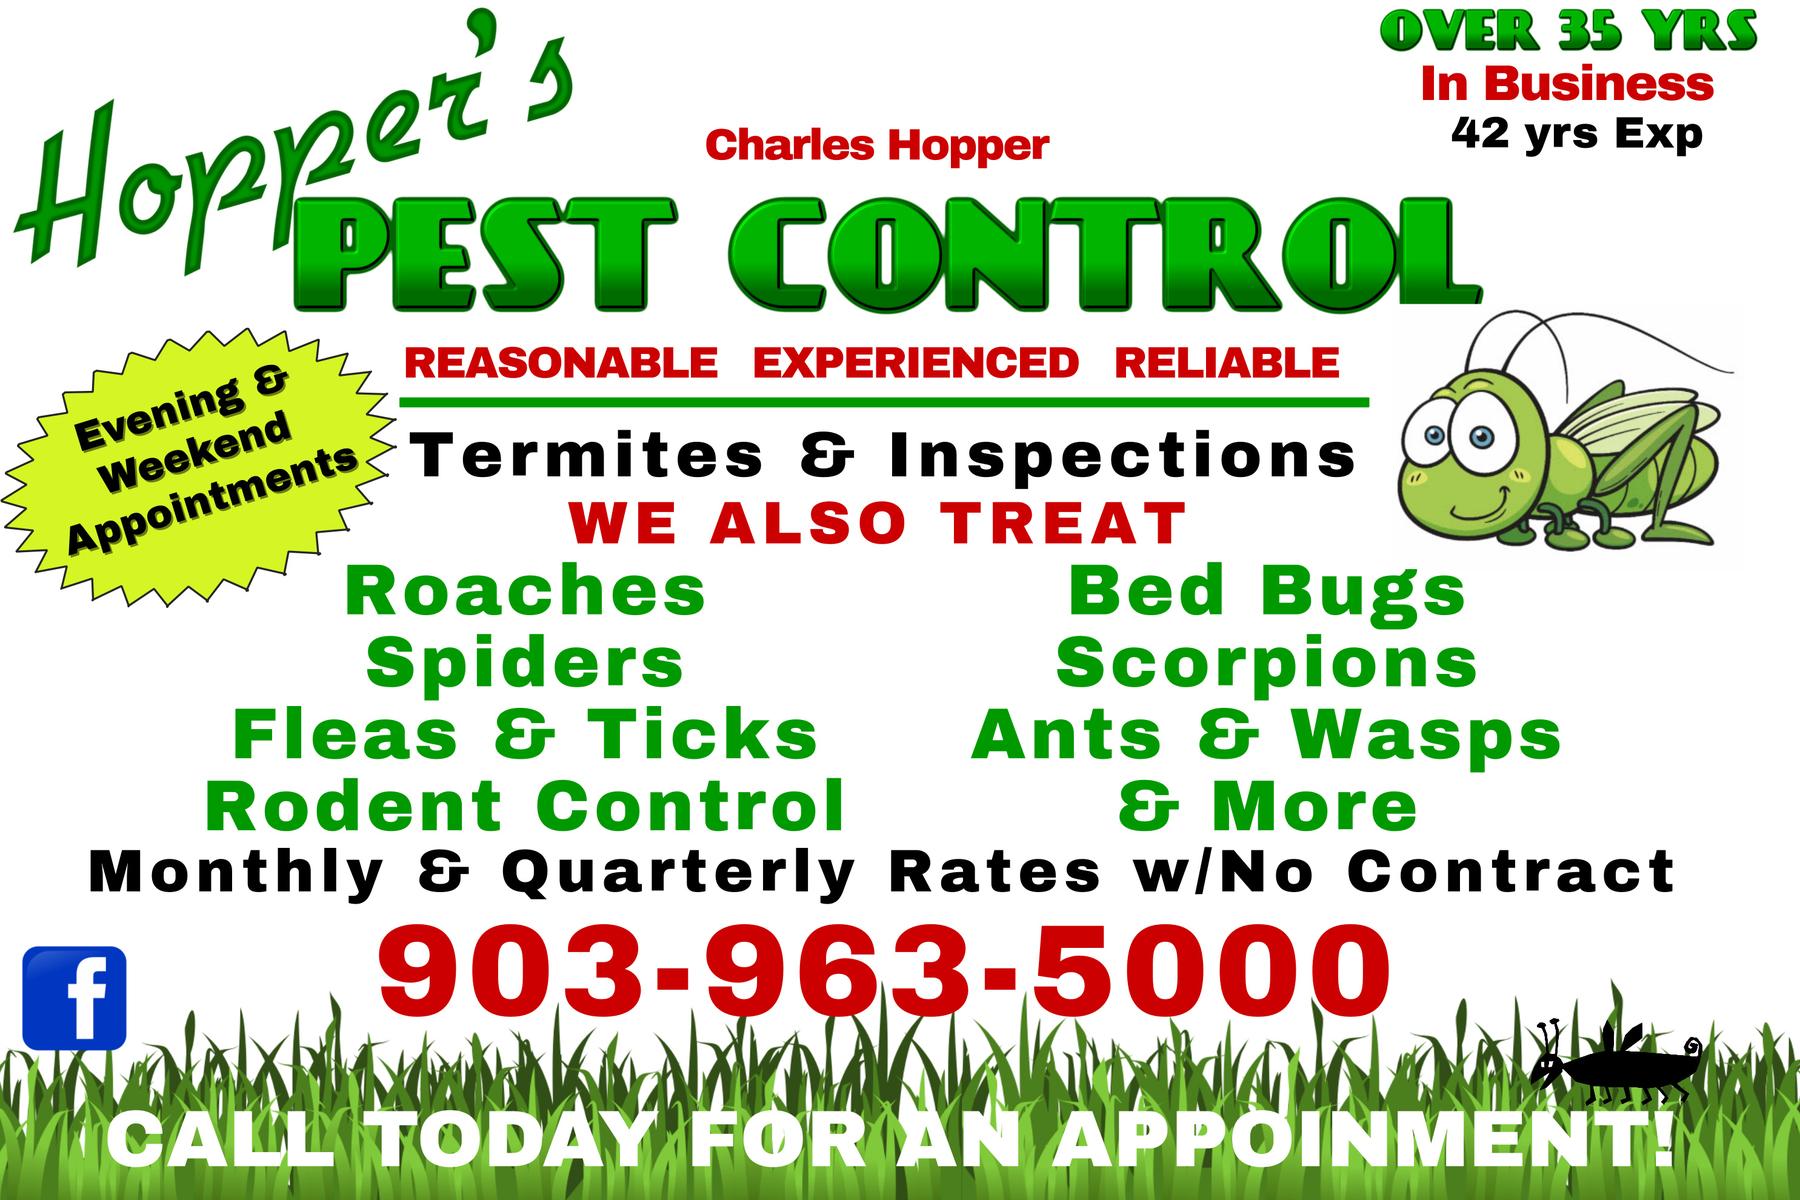 Hopper's Pest Control, Van, Texas